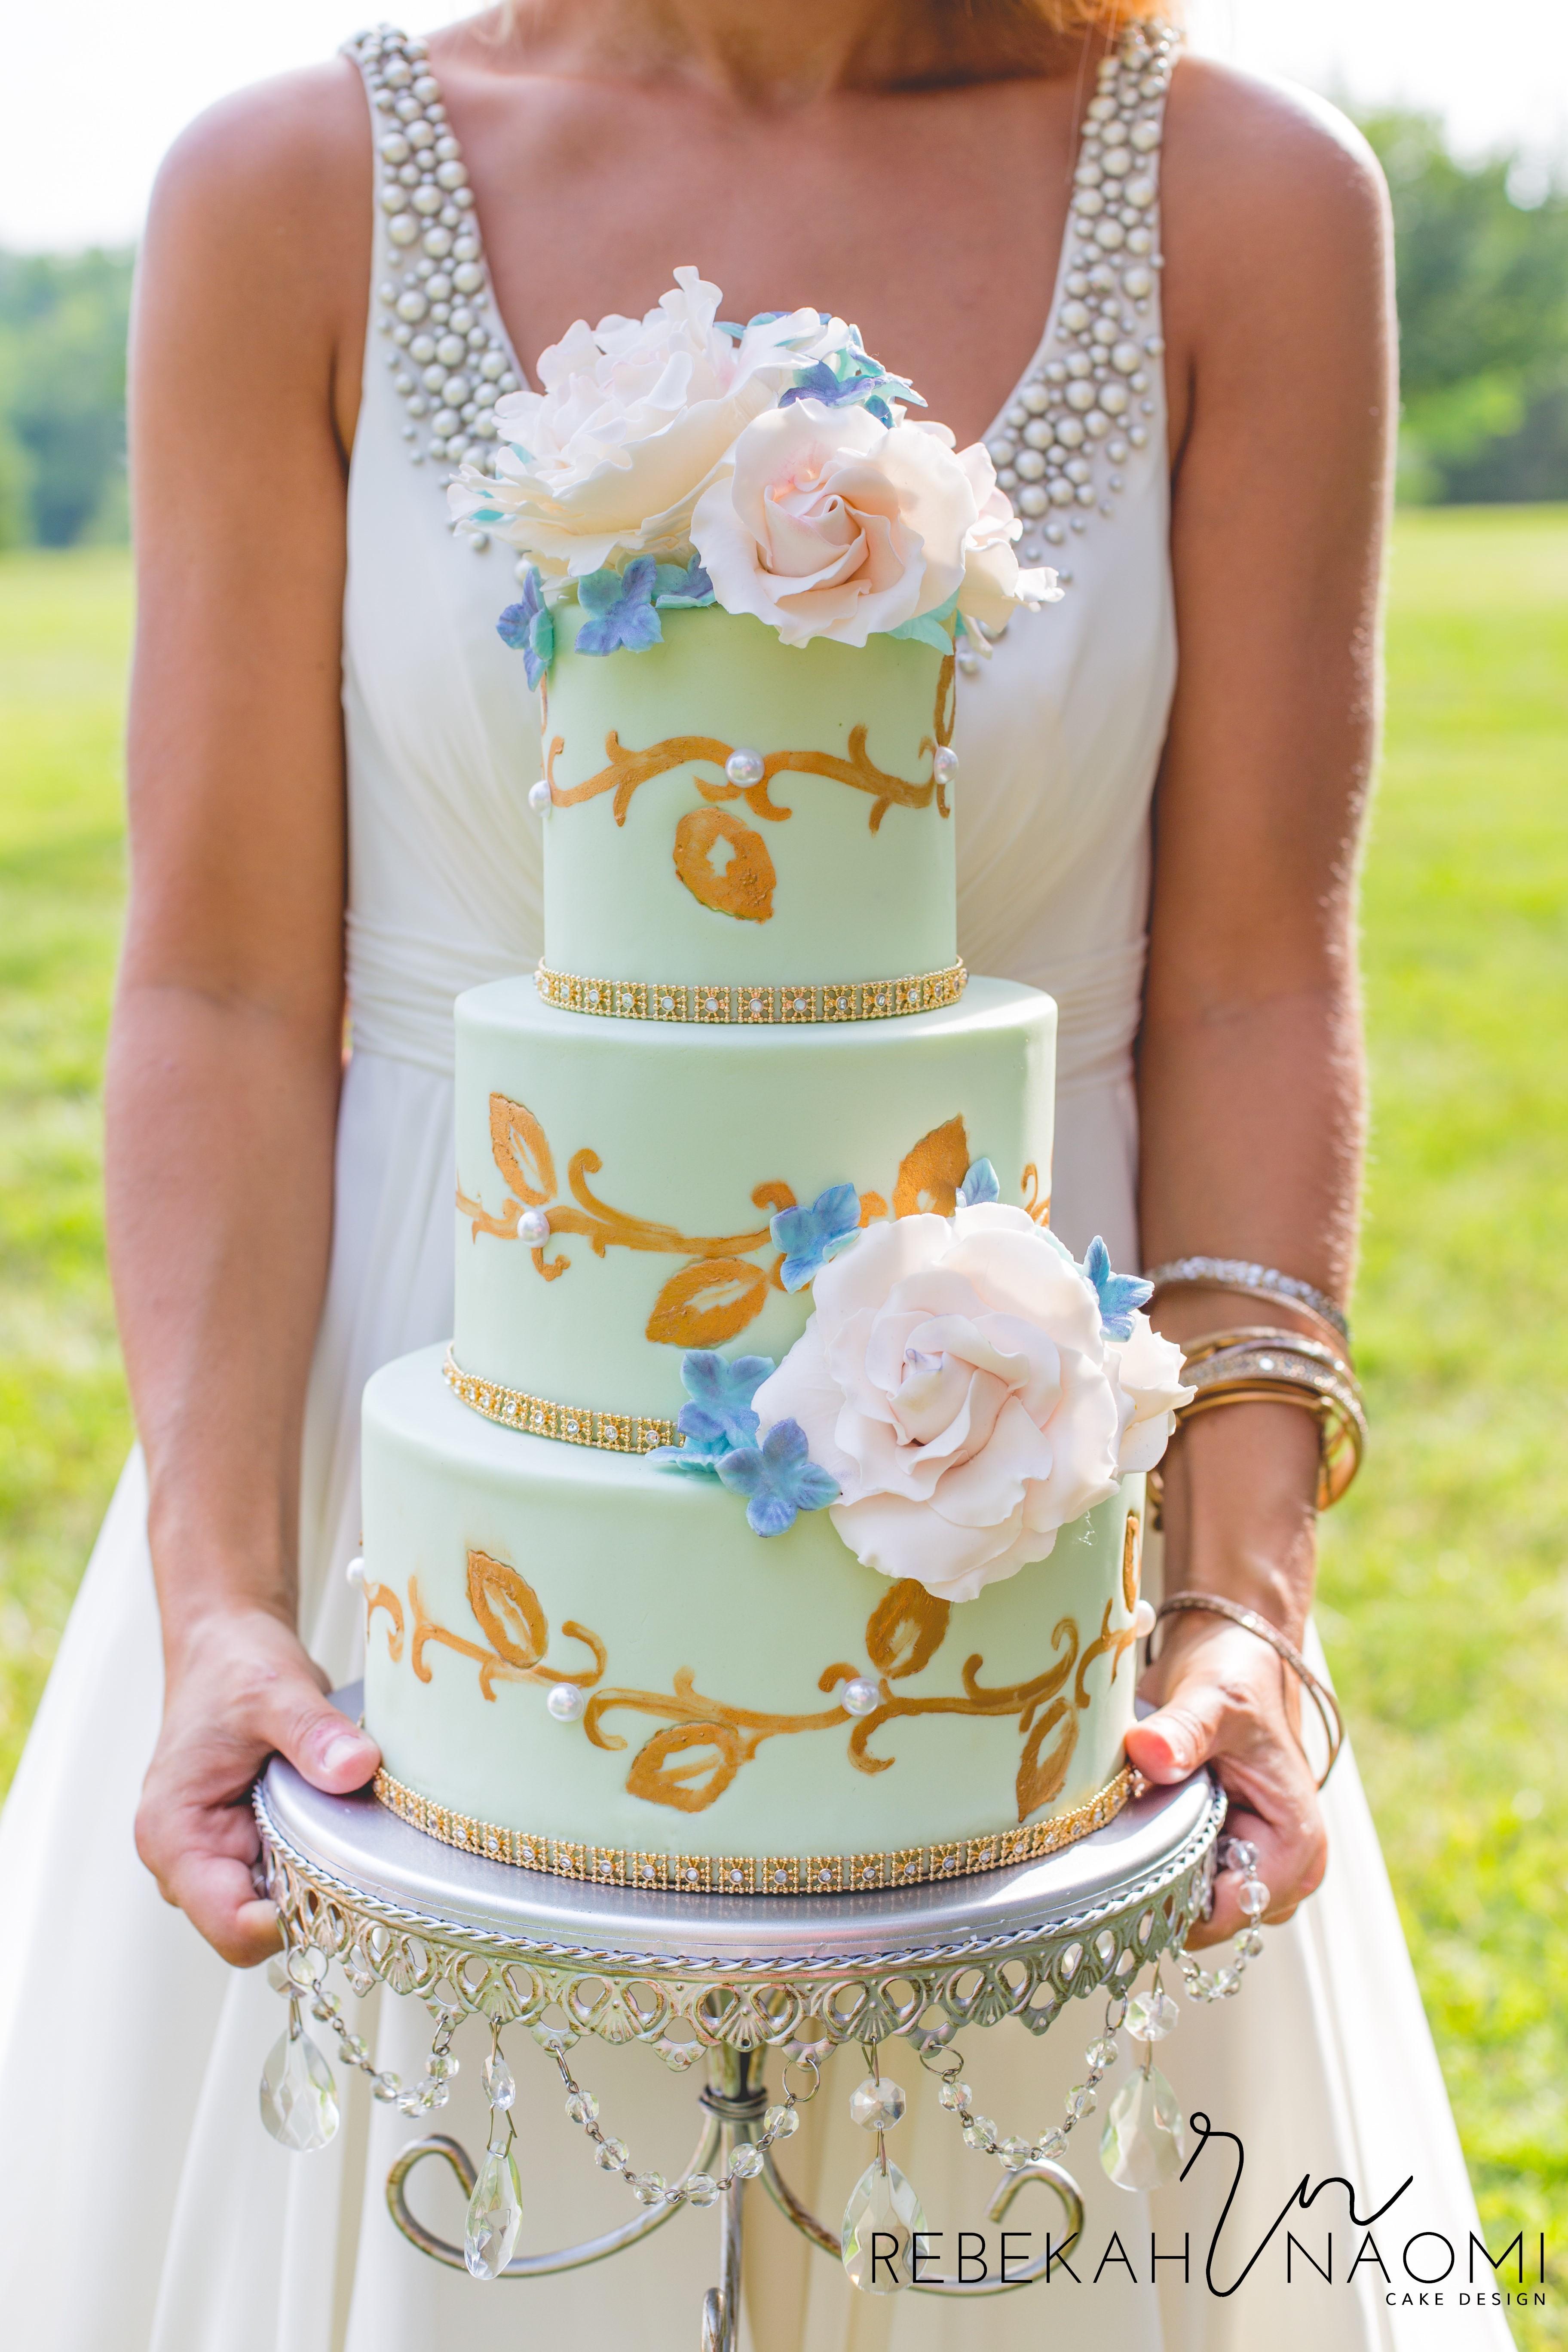 Rebekah-Wilbur-Cakelicious-Wedding-Elegant-27-2.jpg#asset:10171